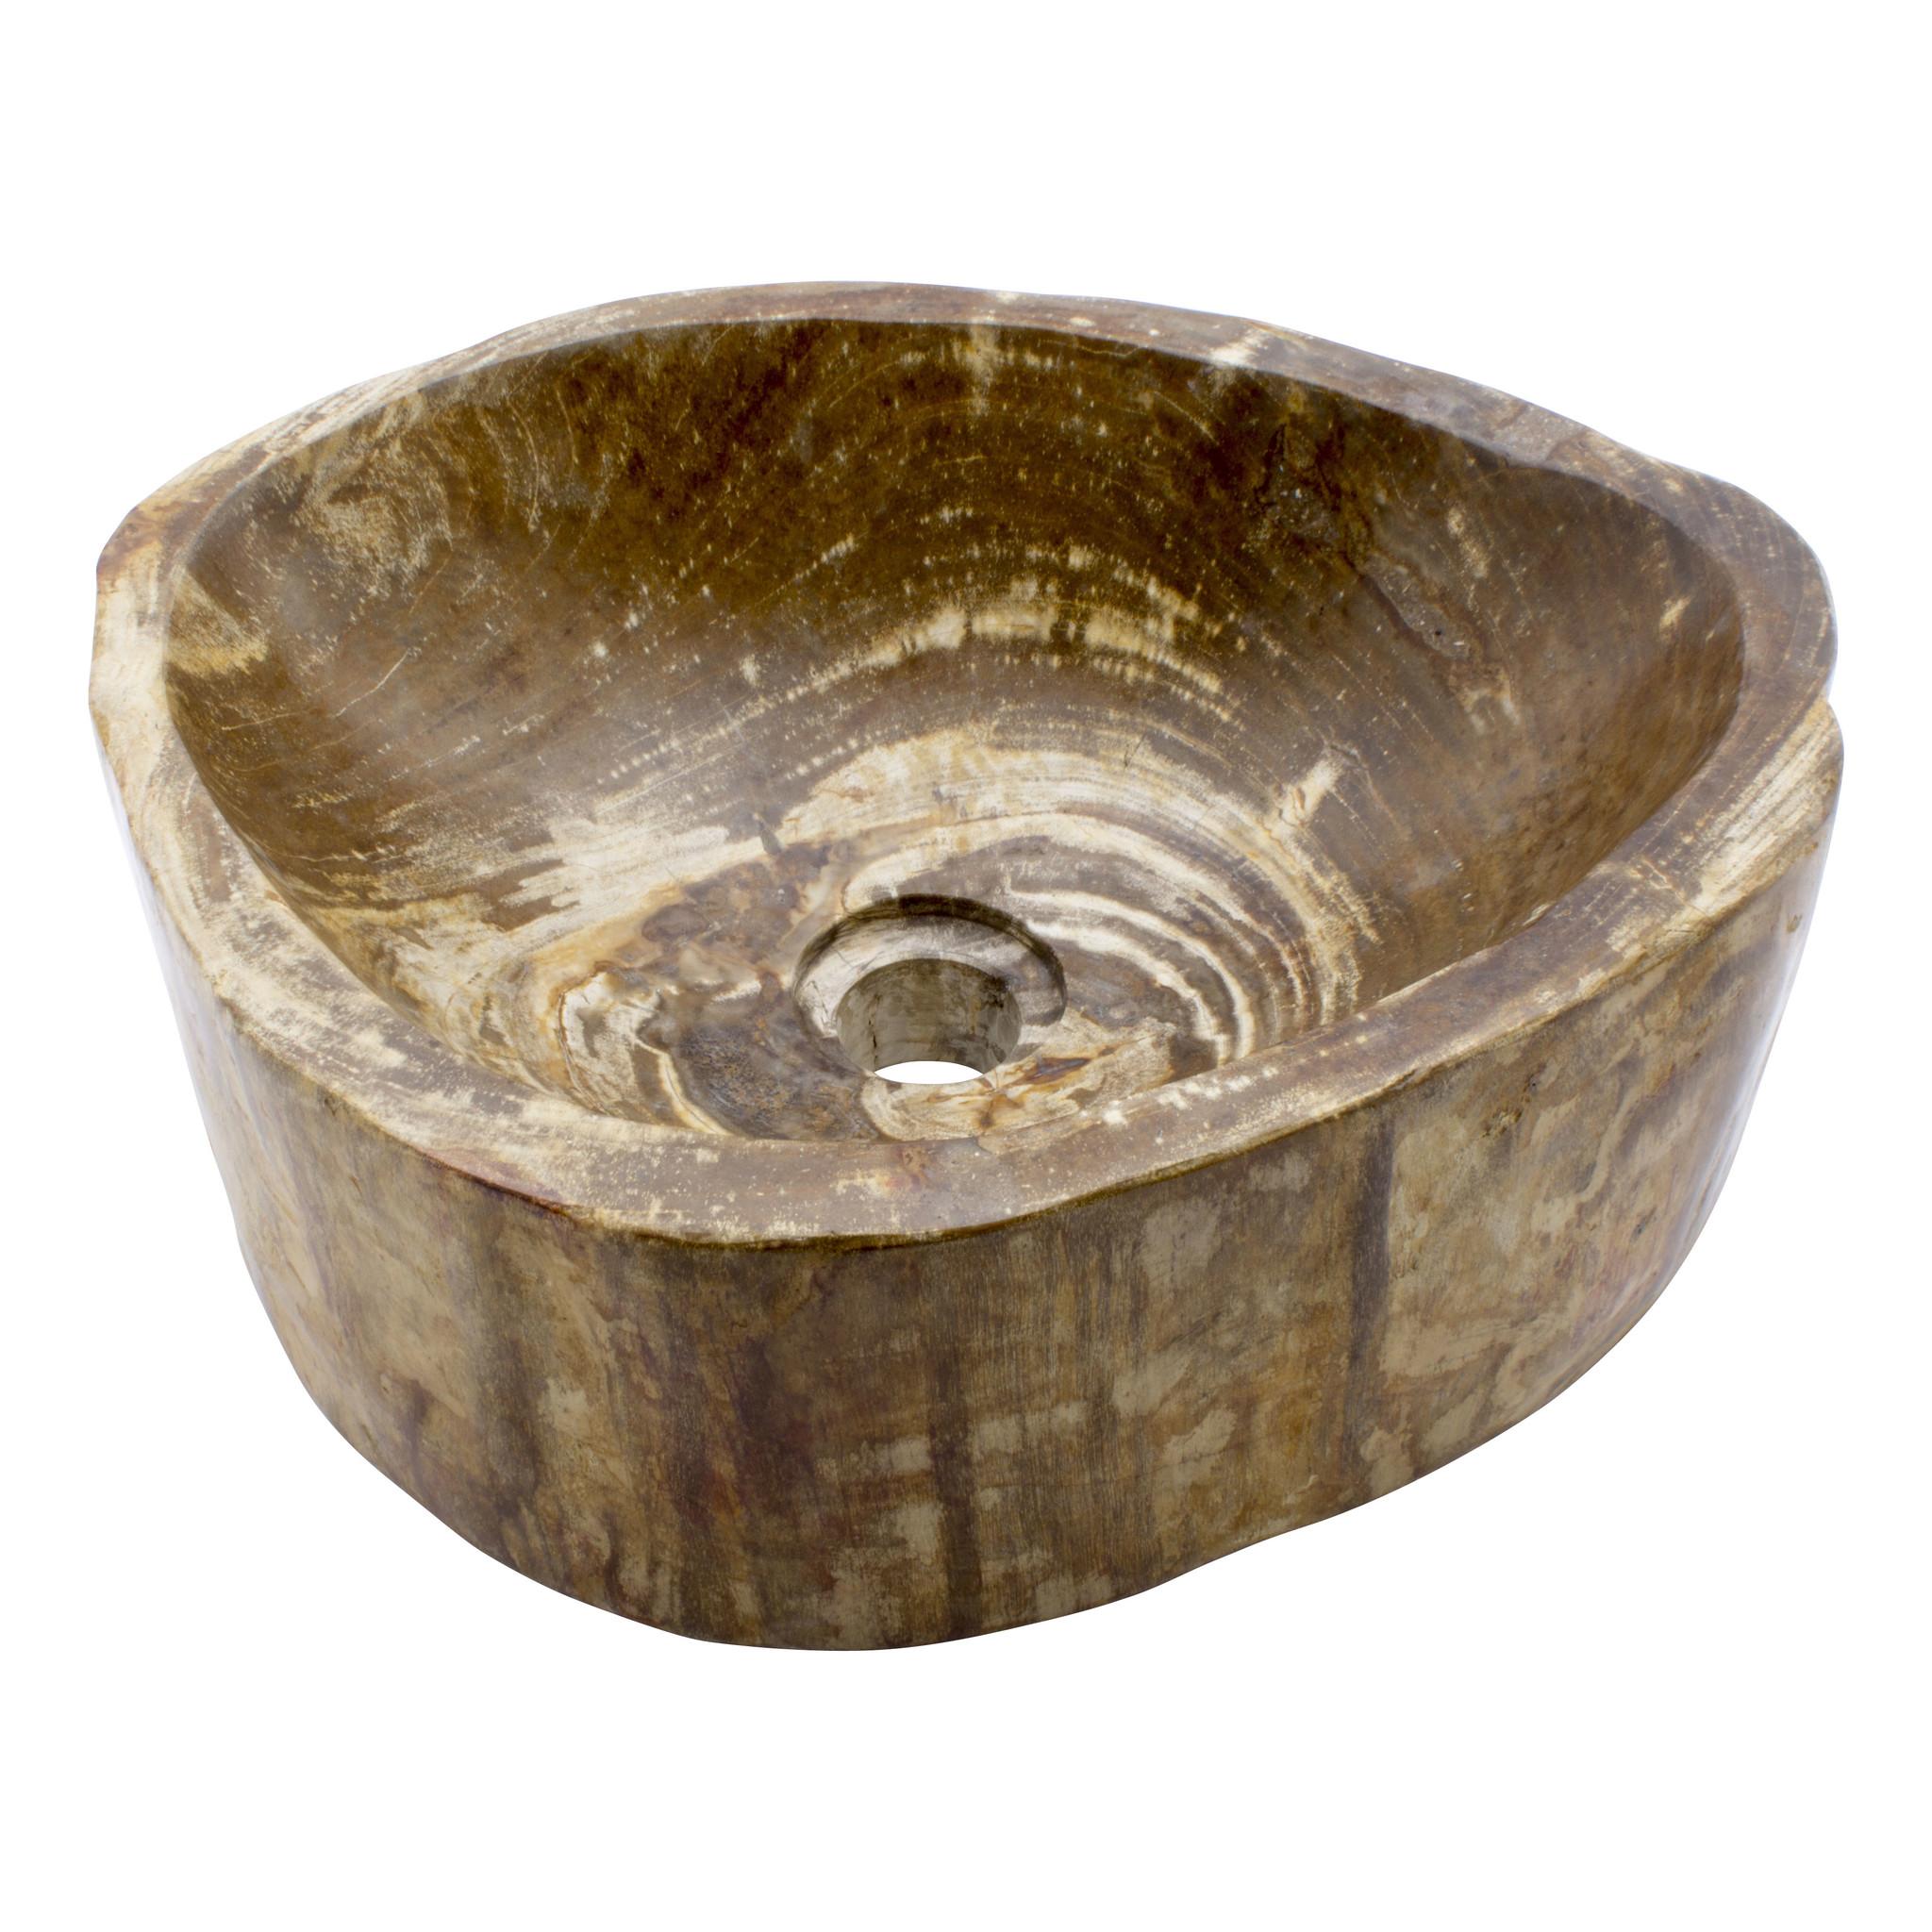 Indomarmer Polierte Waschbecken aus Versteinertes Holz 40x33x15cm